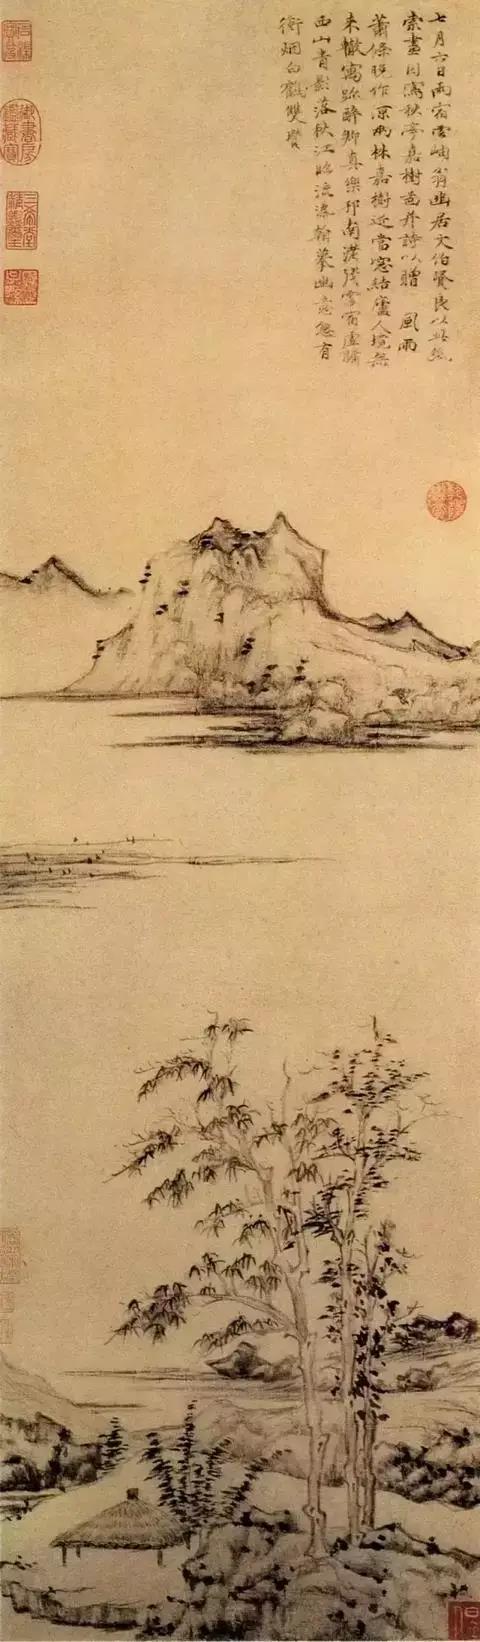 倪瓒山水画中的生命之力-第4张